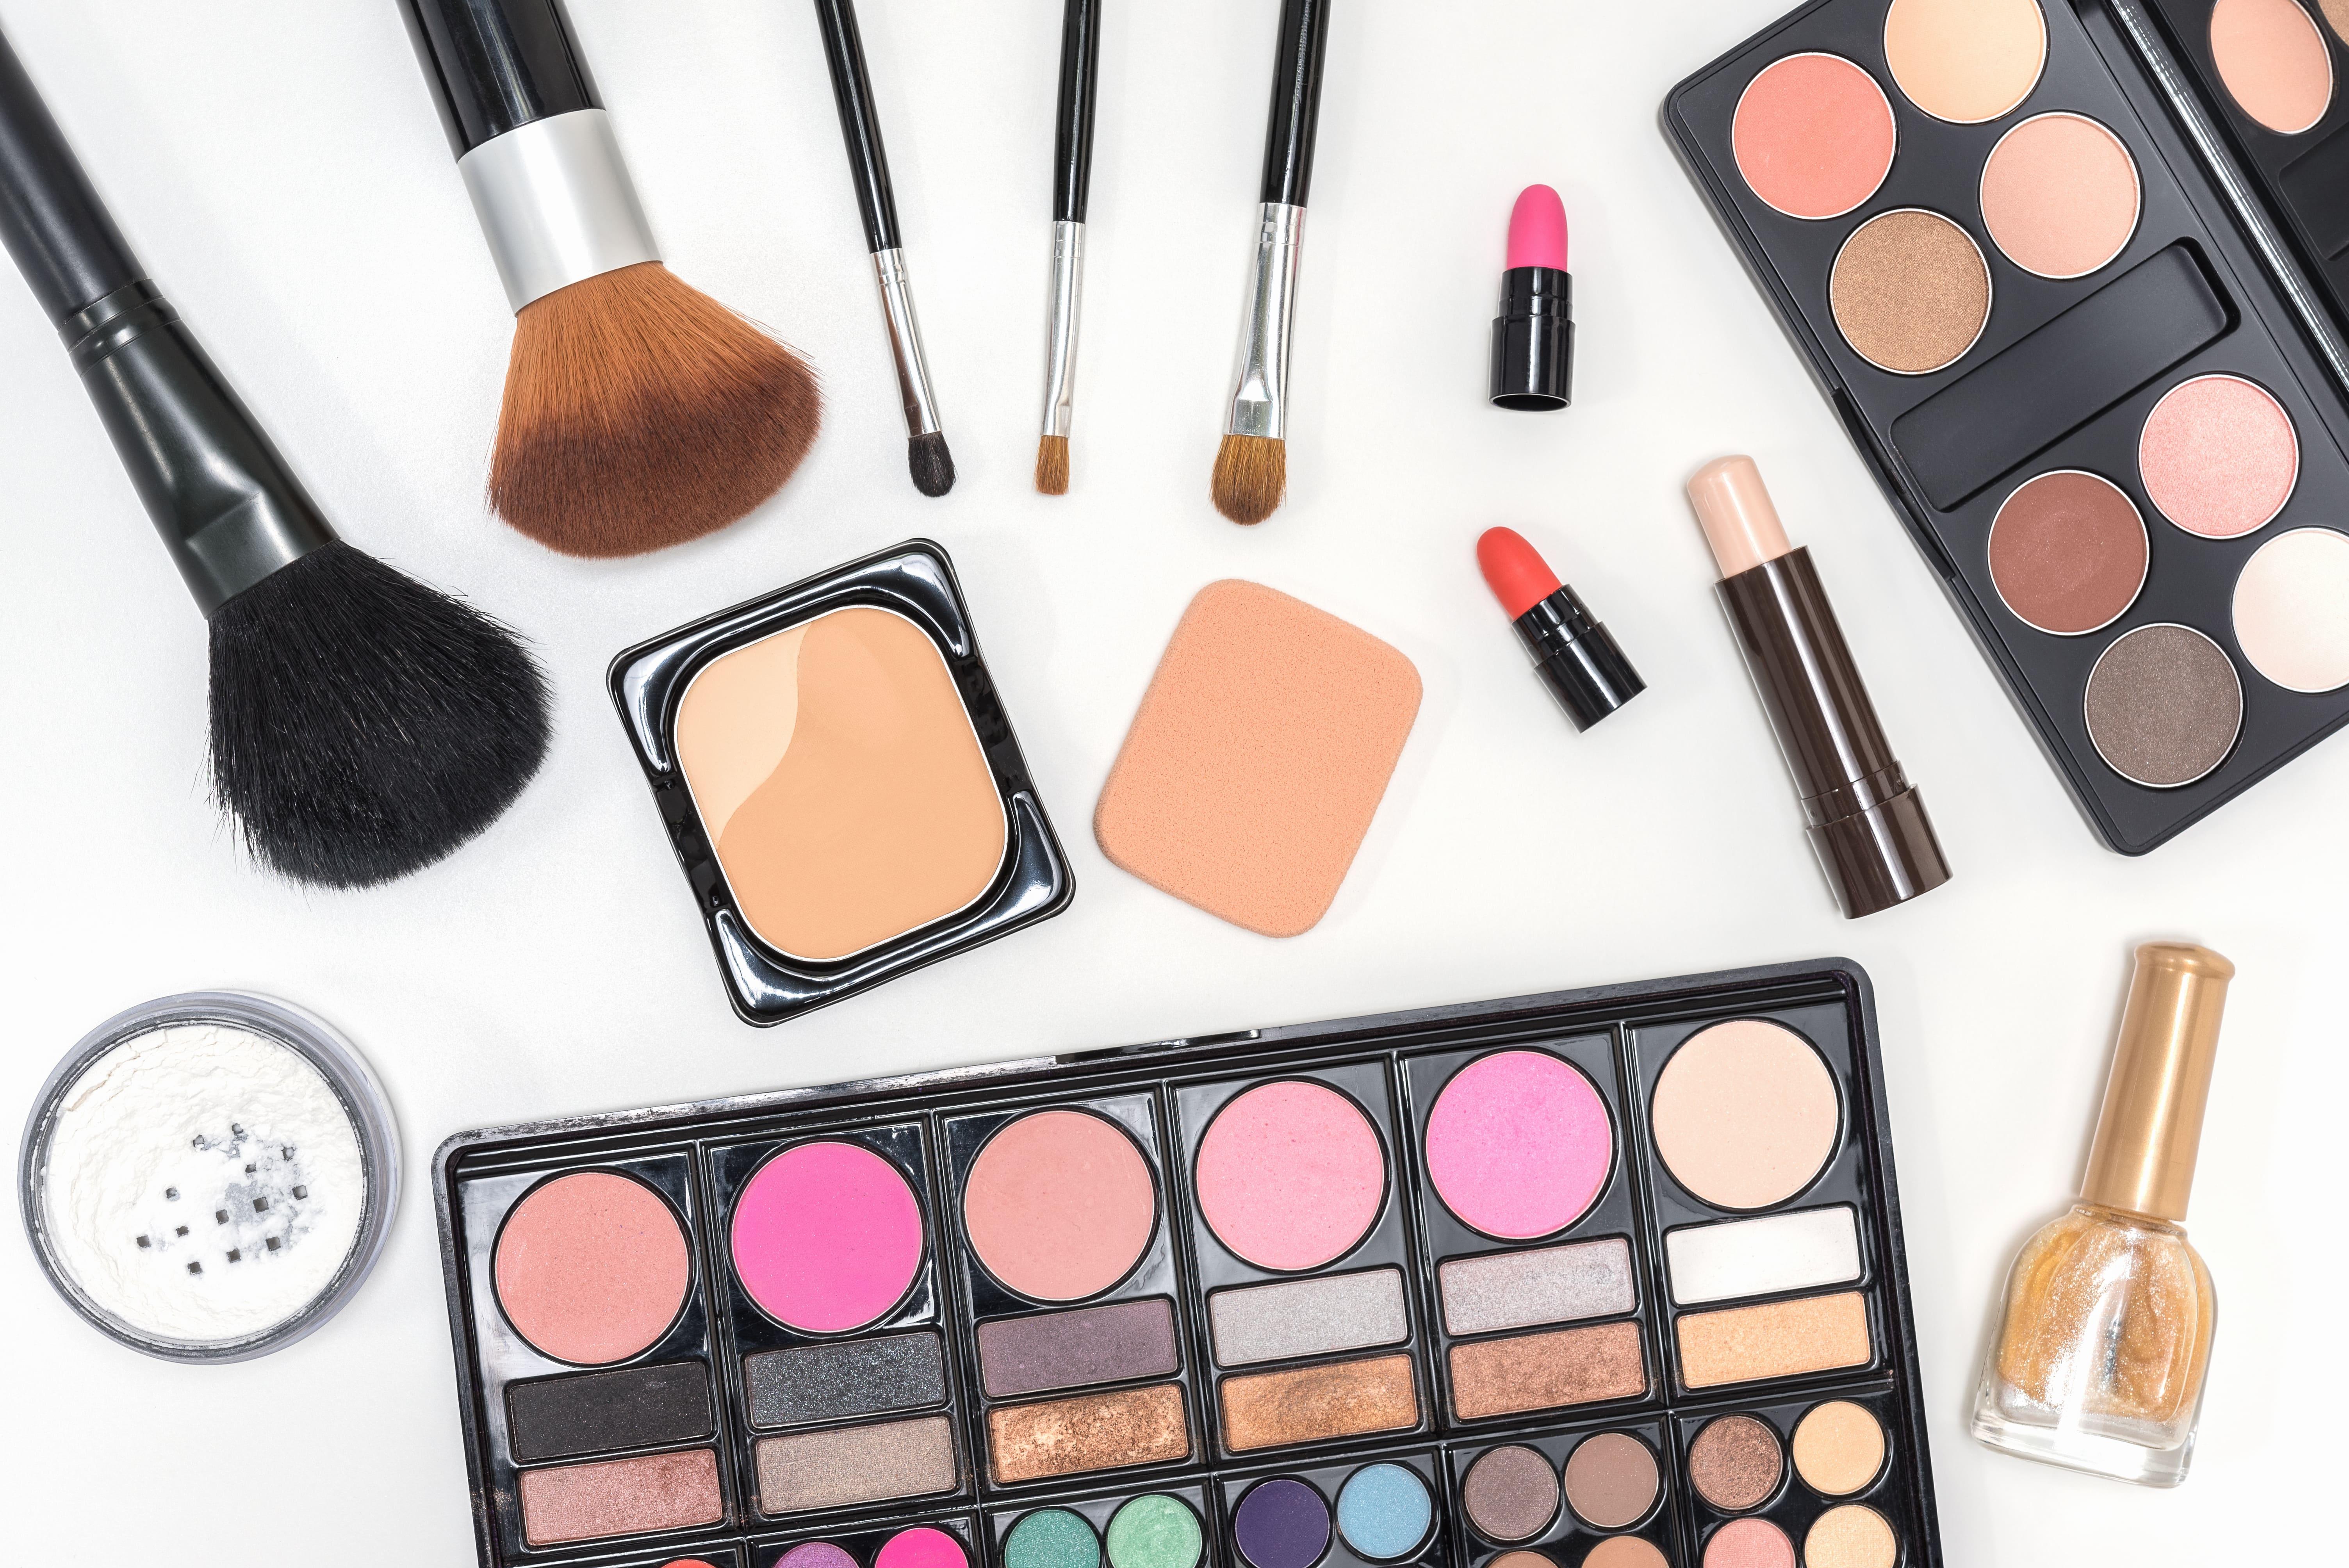 ¿Por qué coleccionar maquillaje es una mala idea?